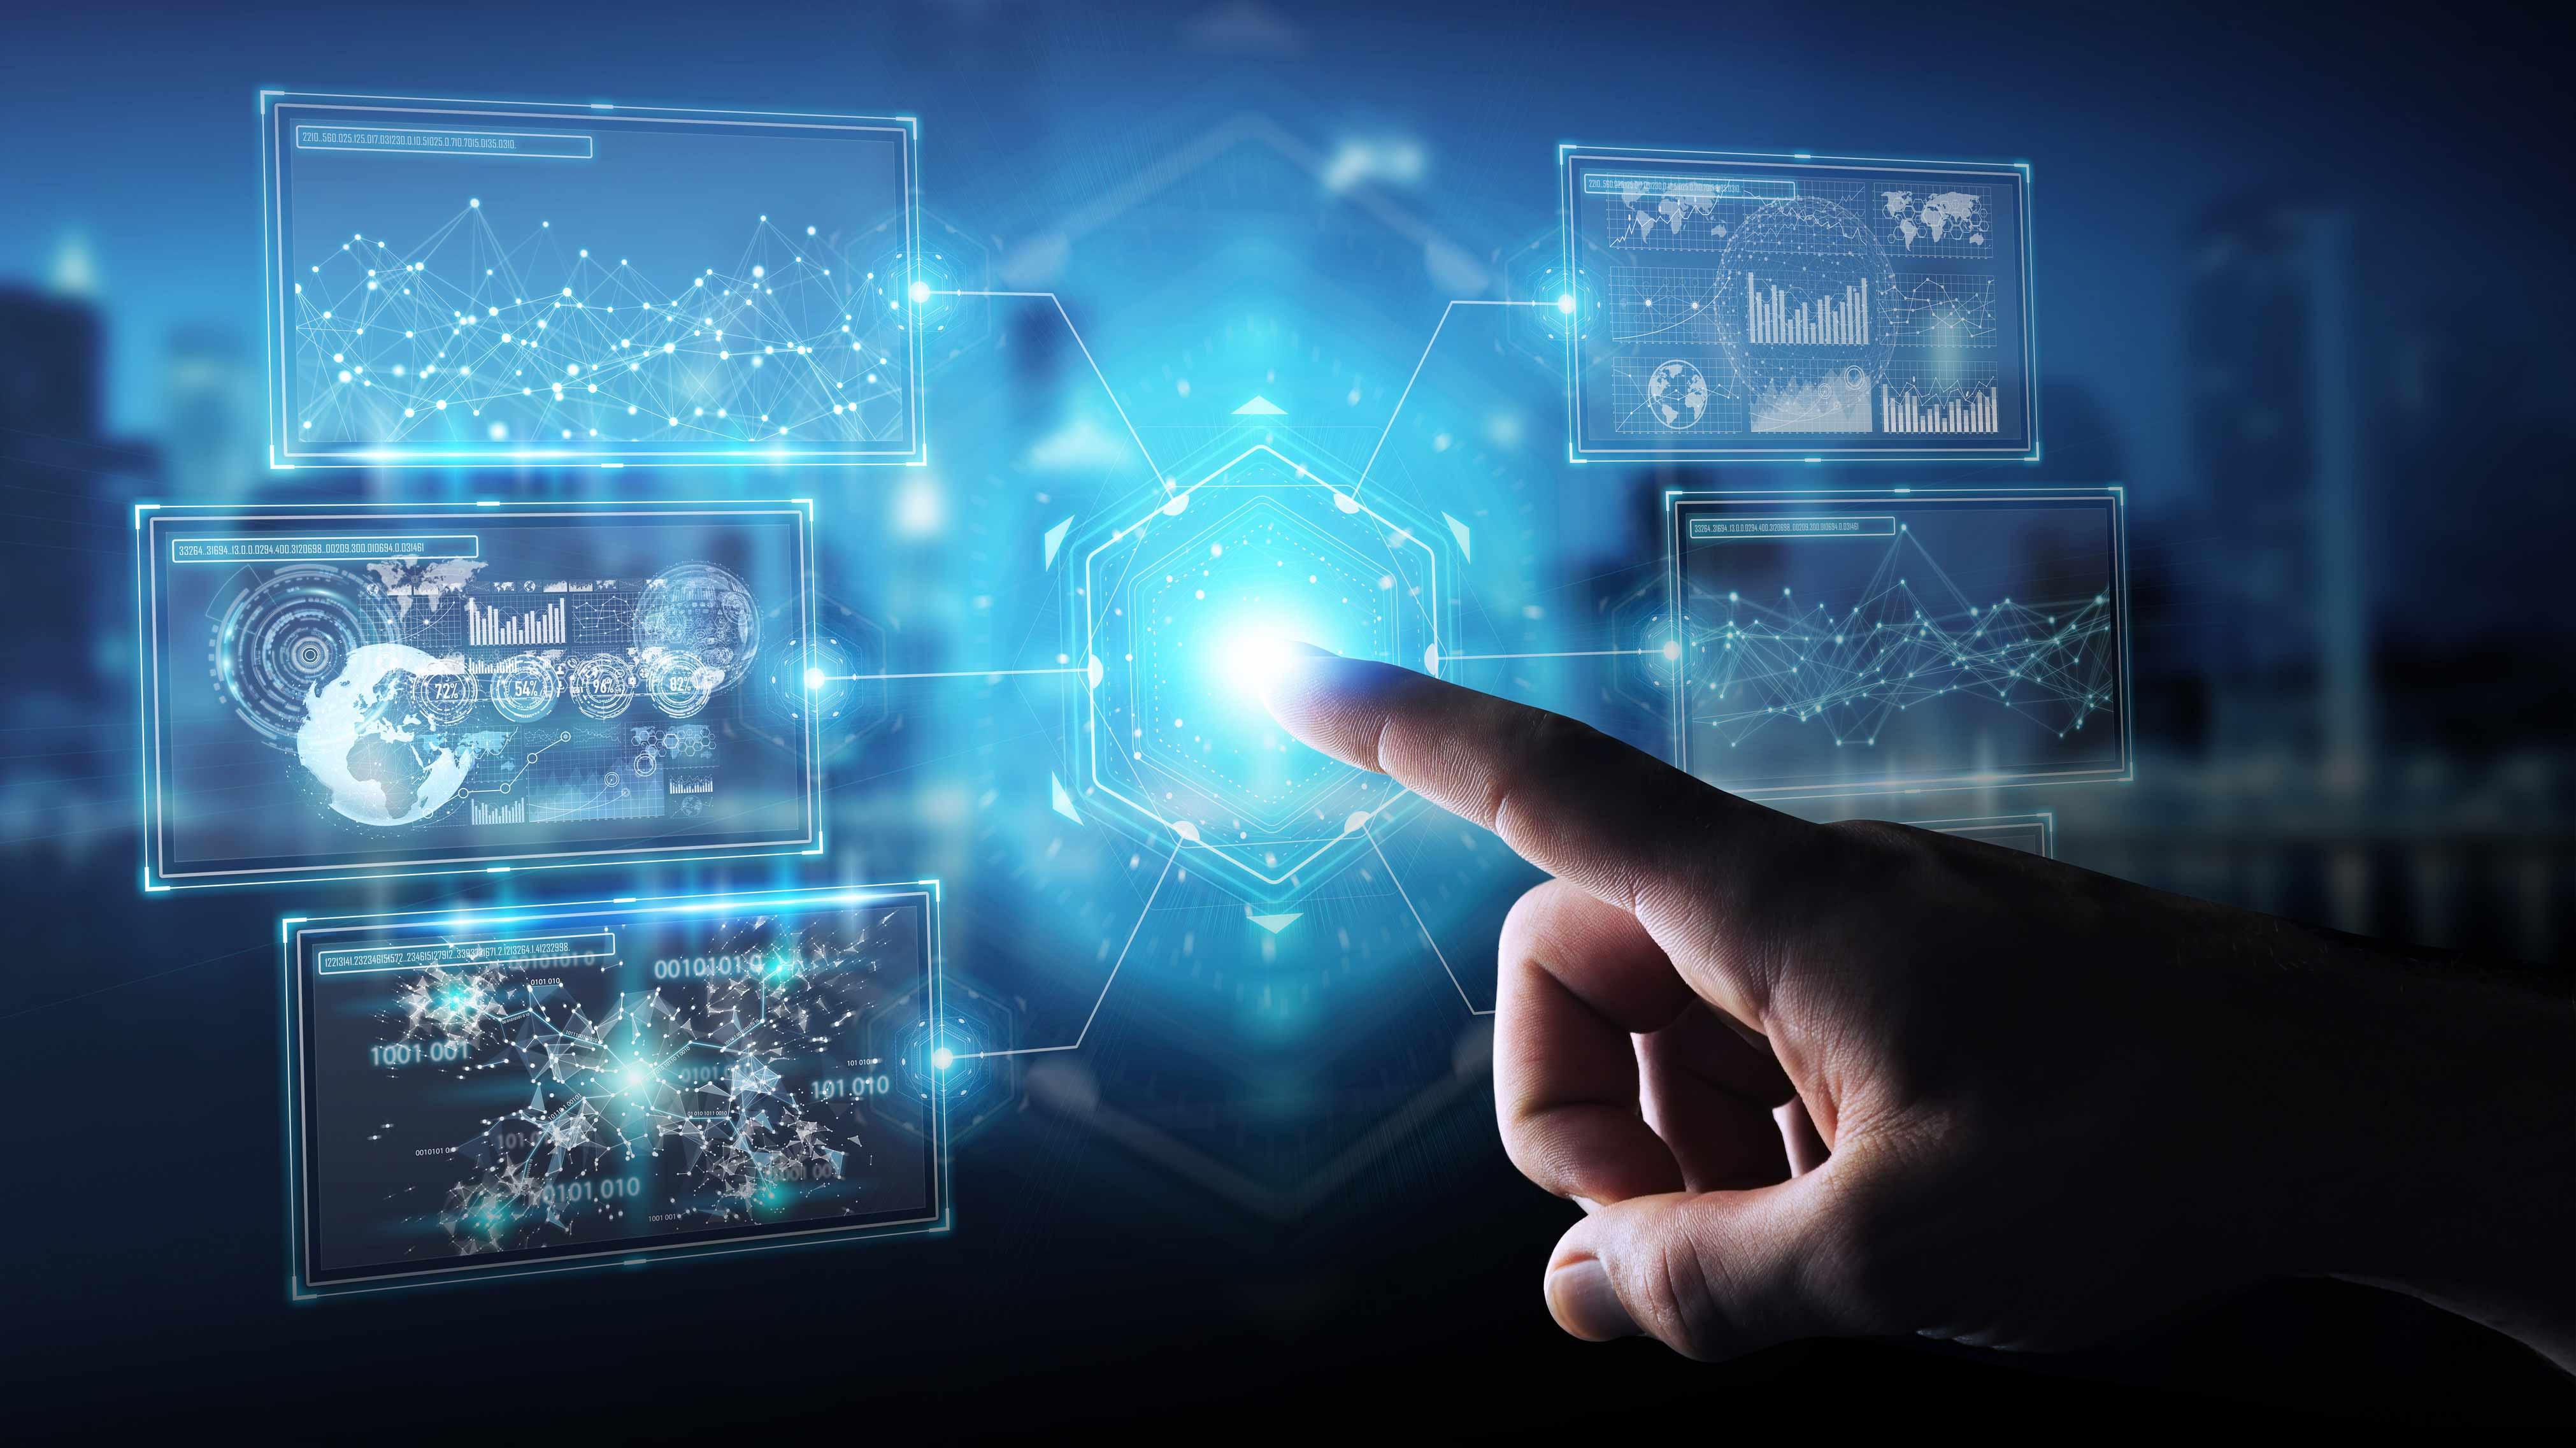 foco-en-italtel-empresa-de-telecomunicaciones-y-soluciones-tecnologicas-que-apuesta-por-el-sector-publico